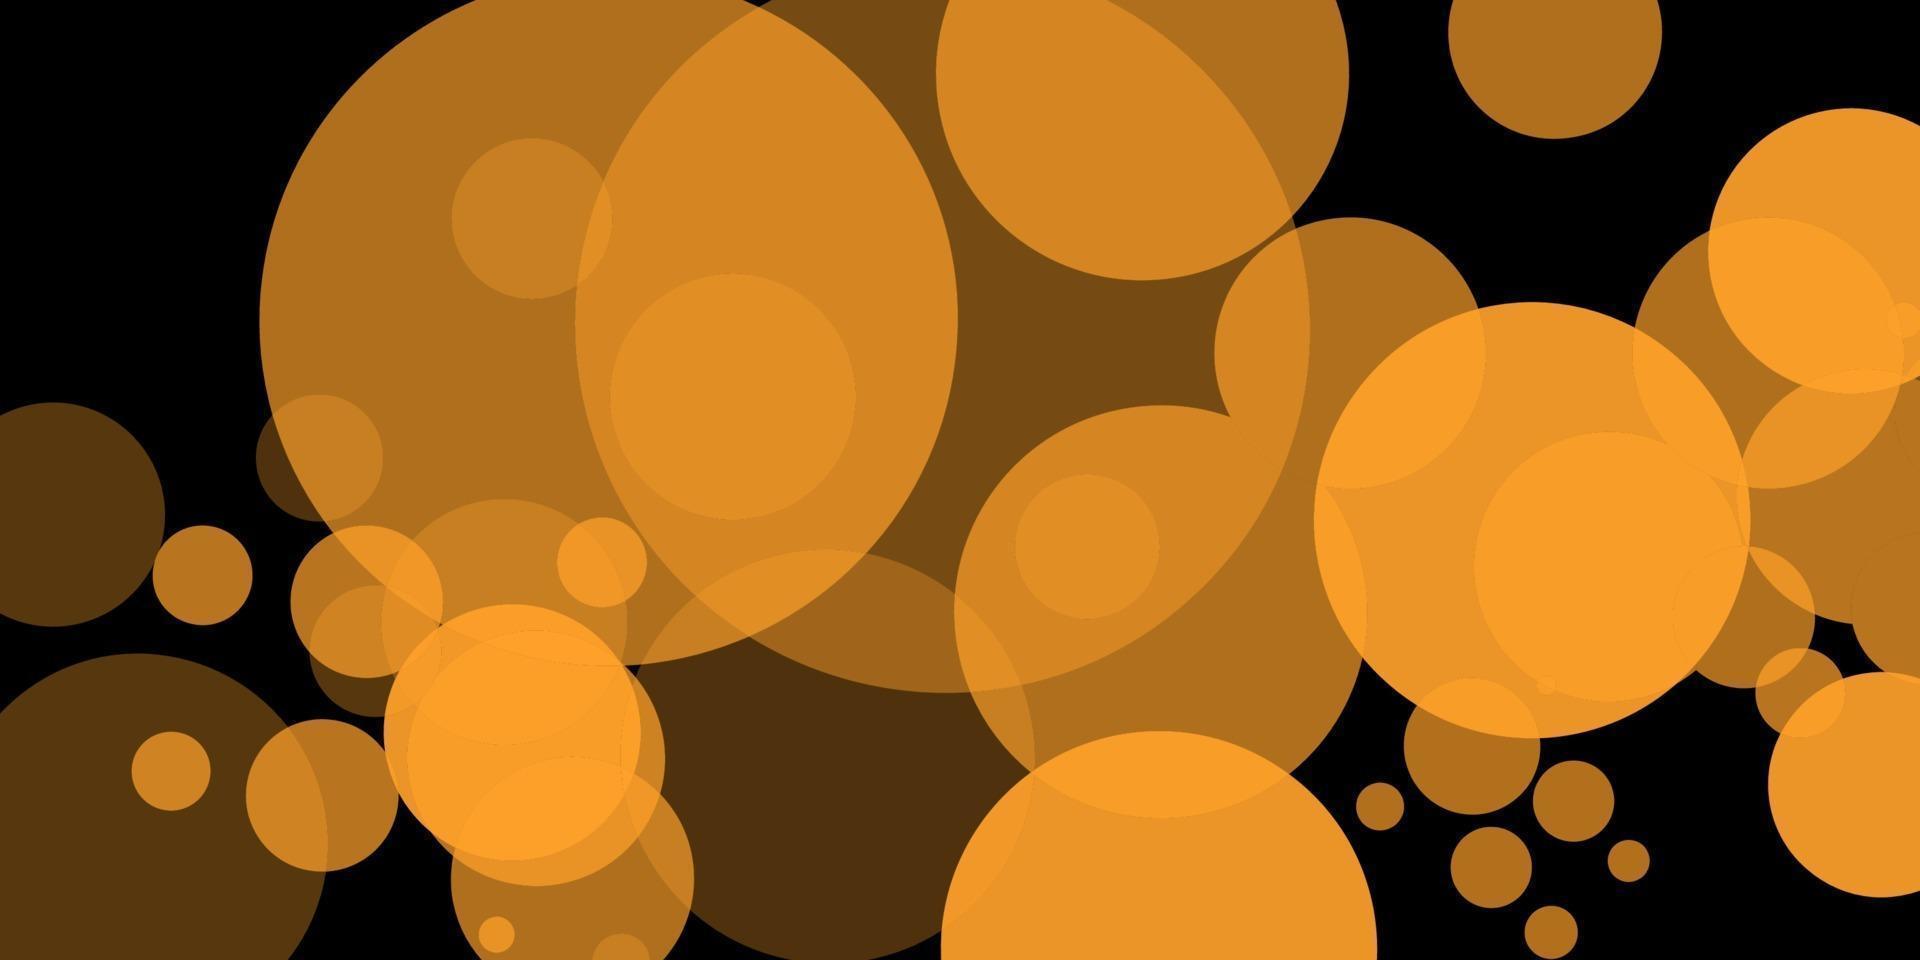 bokeh giallo. l'estratto del fondo del bokeh della luce del cerchio. sfondo di luci dorate. concetto di luci di Natale. illustrazione vettoriale